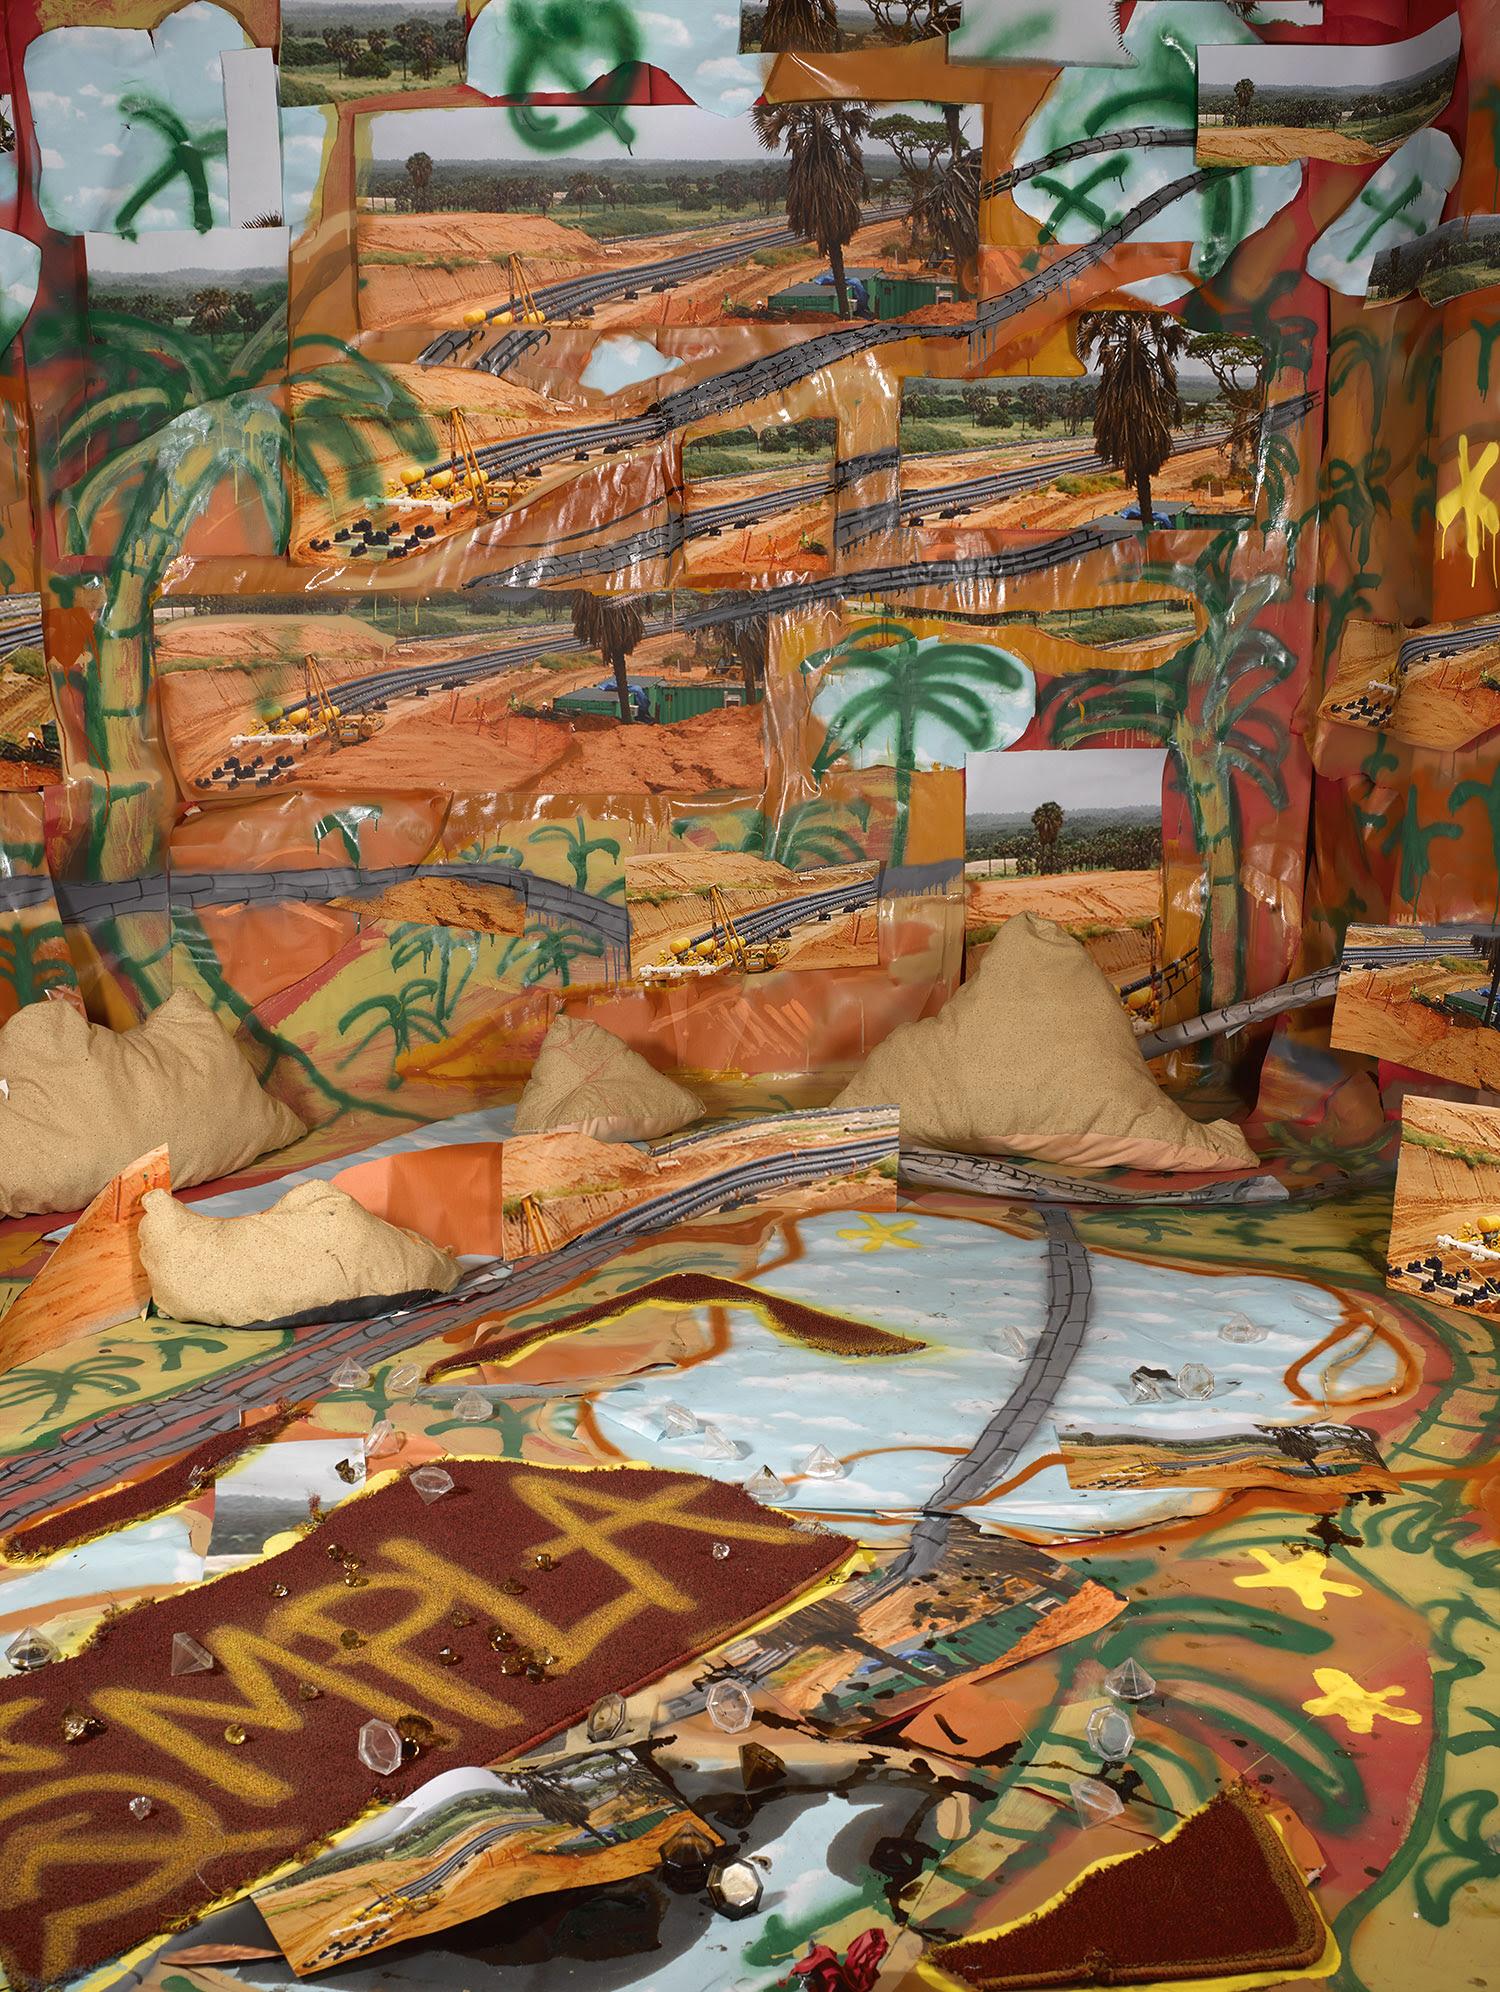 Sheida Soleimani  -  Angola MPLA , 2018 Archival pigment print, Edition of 2 + 2 APs 60 x 40 inches